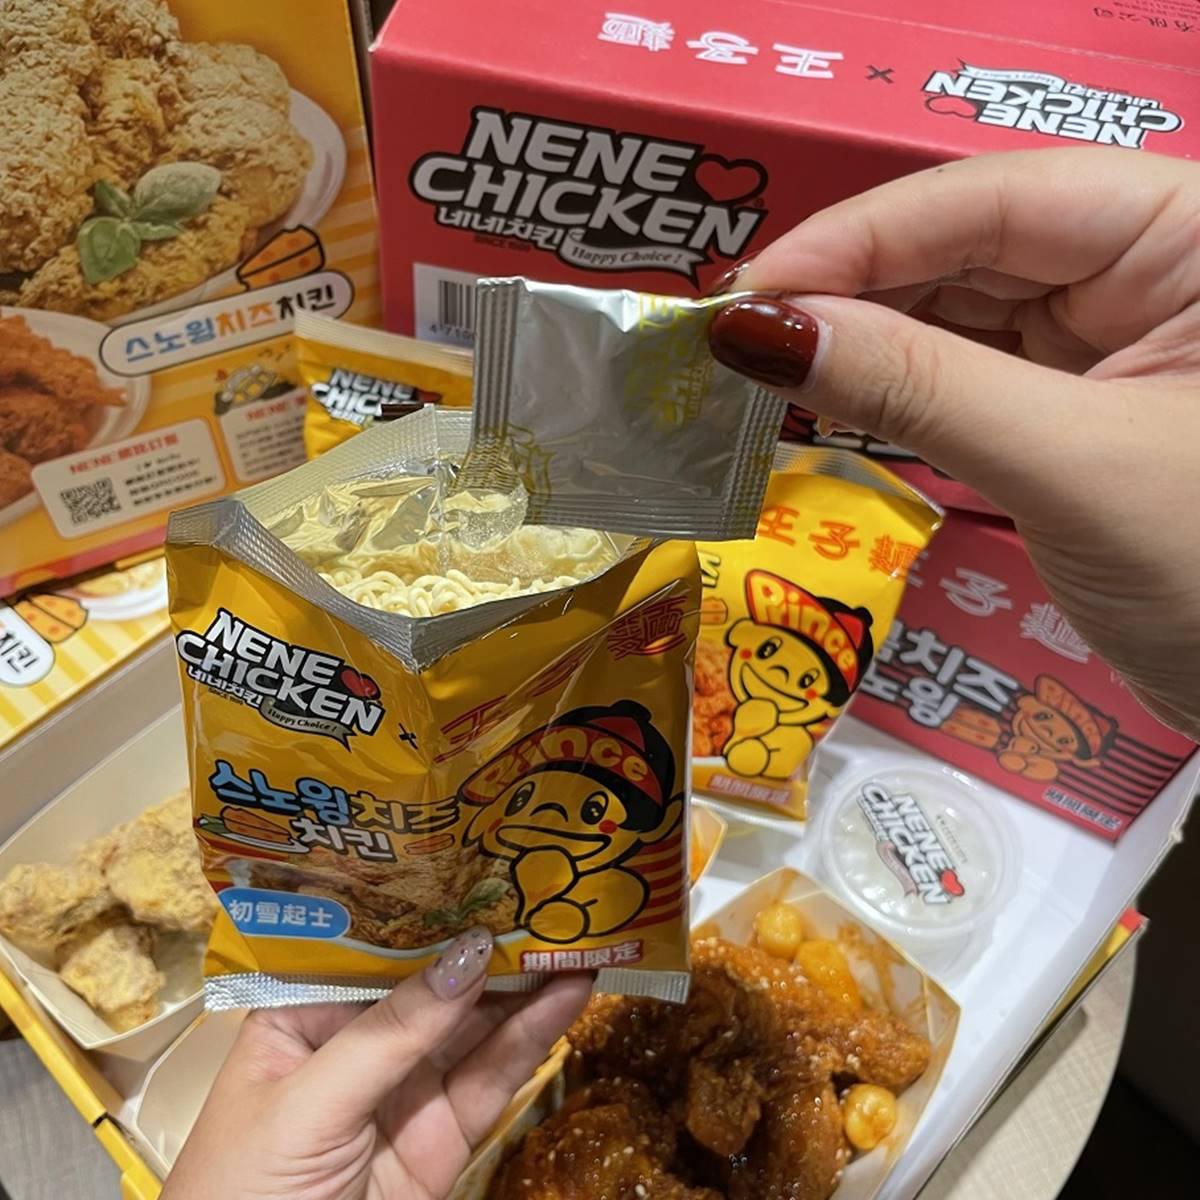 韓式炸雞尬王子麵!NENE CHICKEN「初雪起士、神奇辣起士」2種口味,在這獨家販售